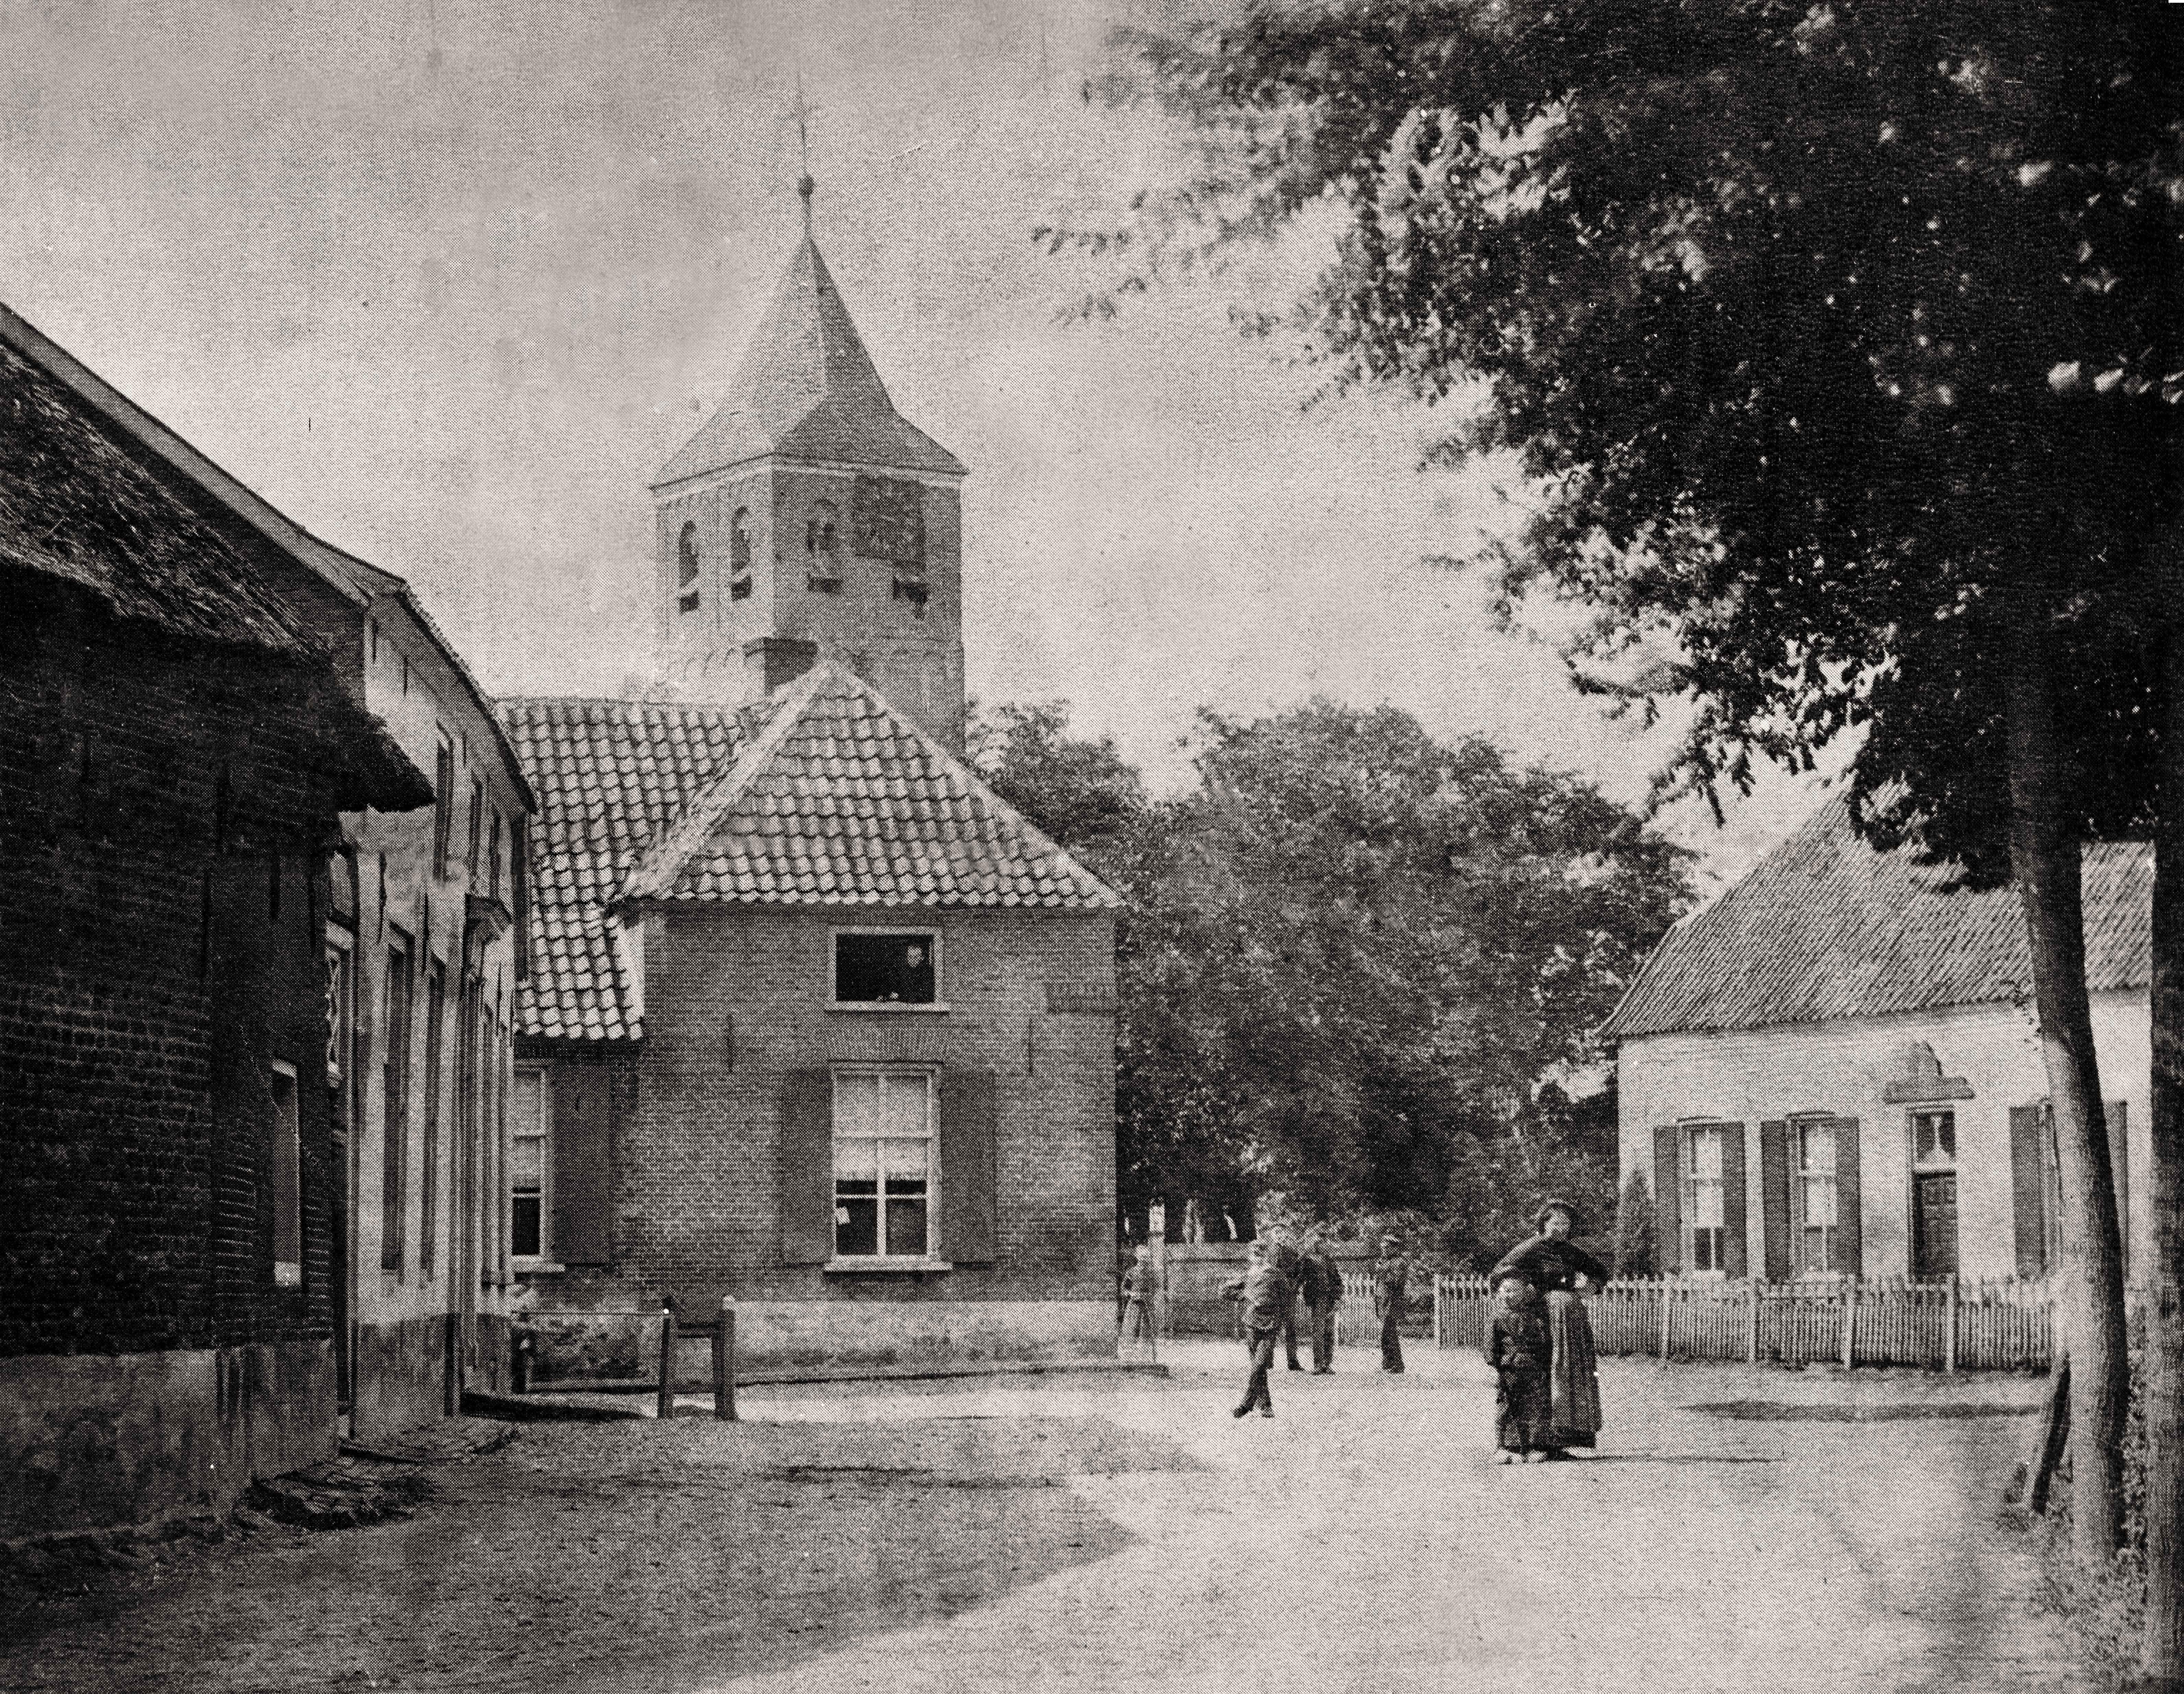 Roskam-Roos-en-Kerk